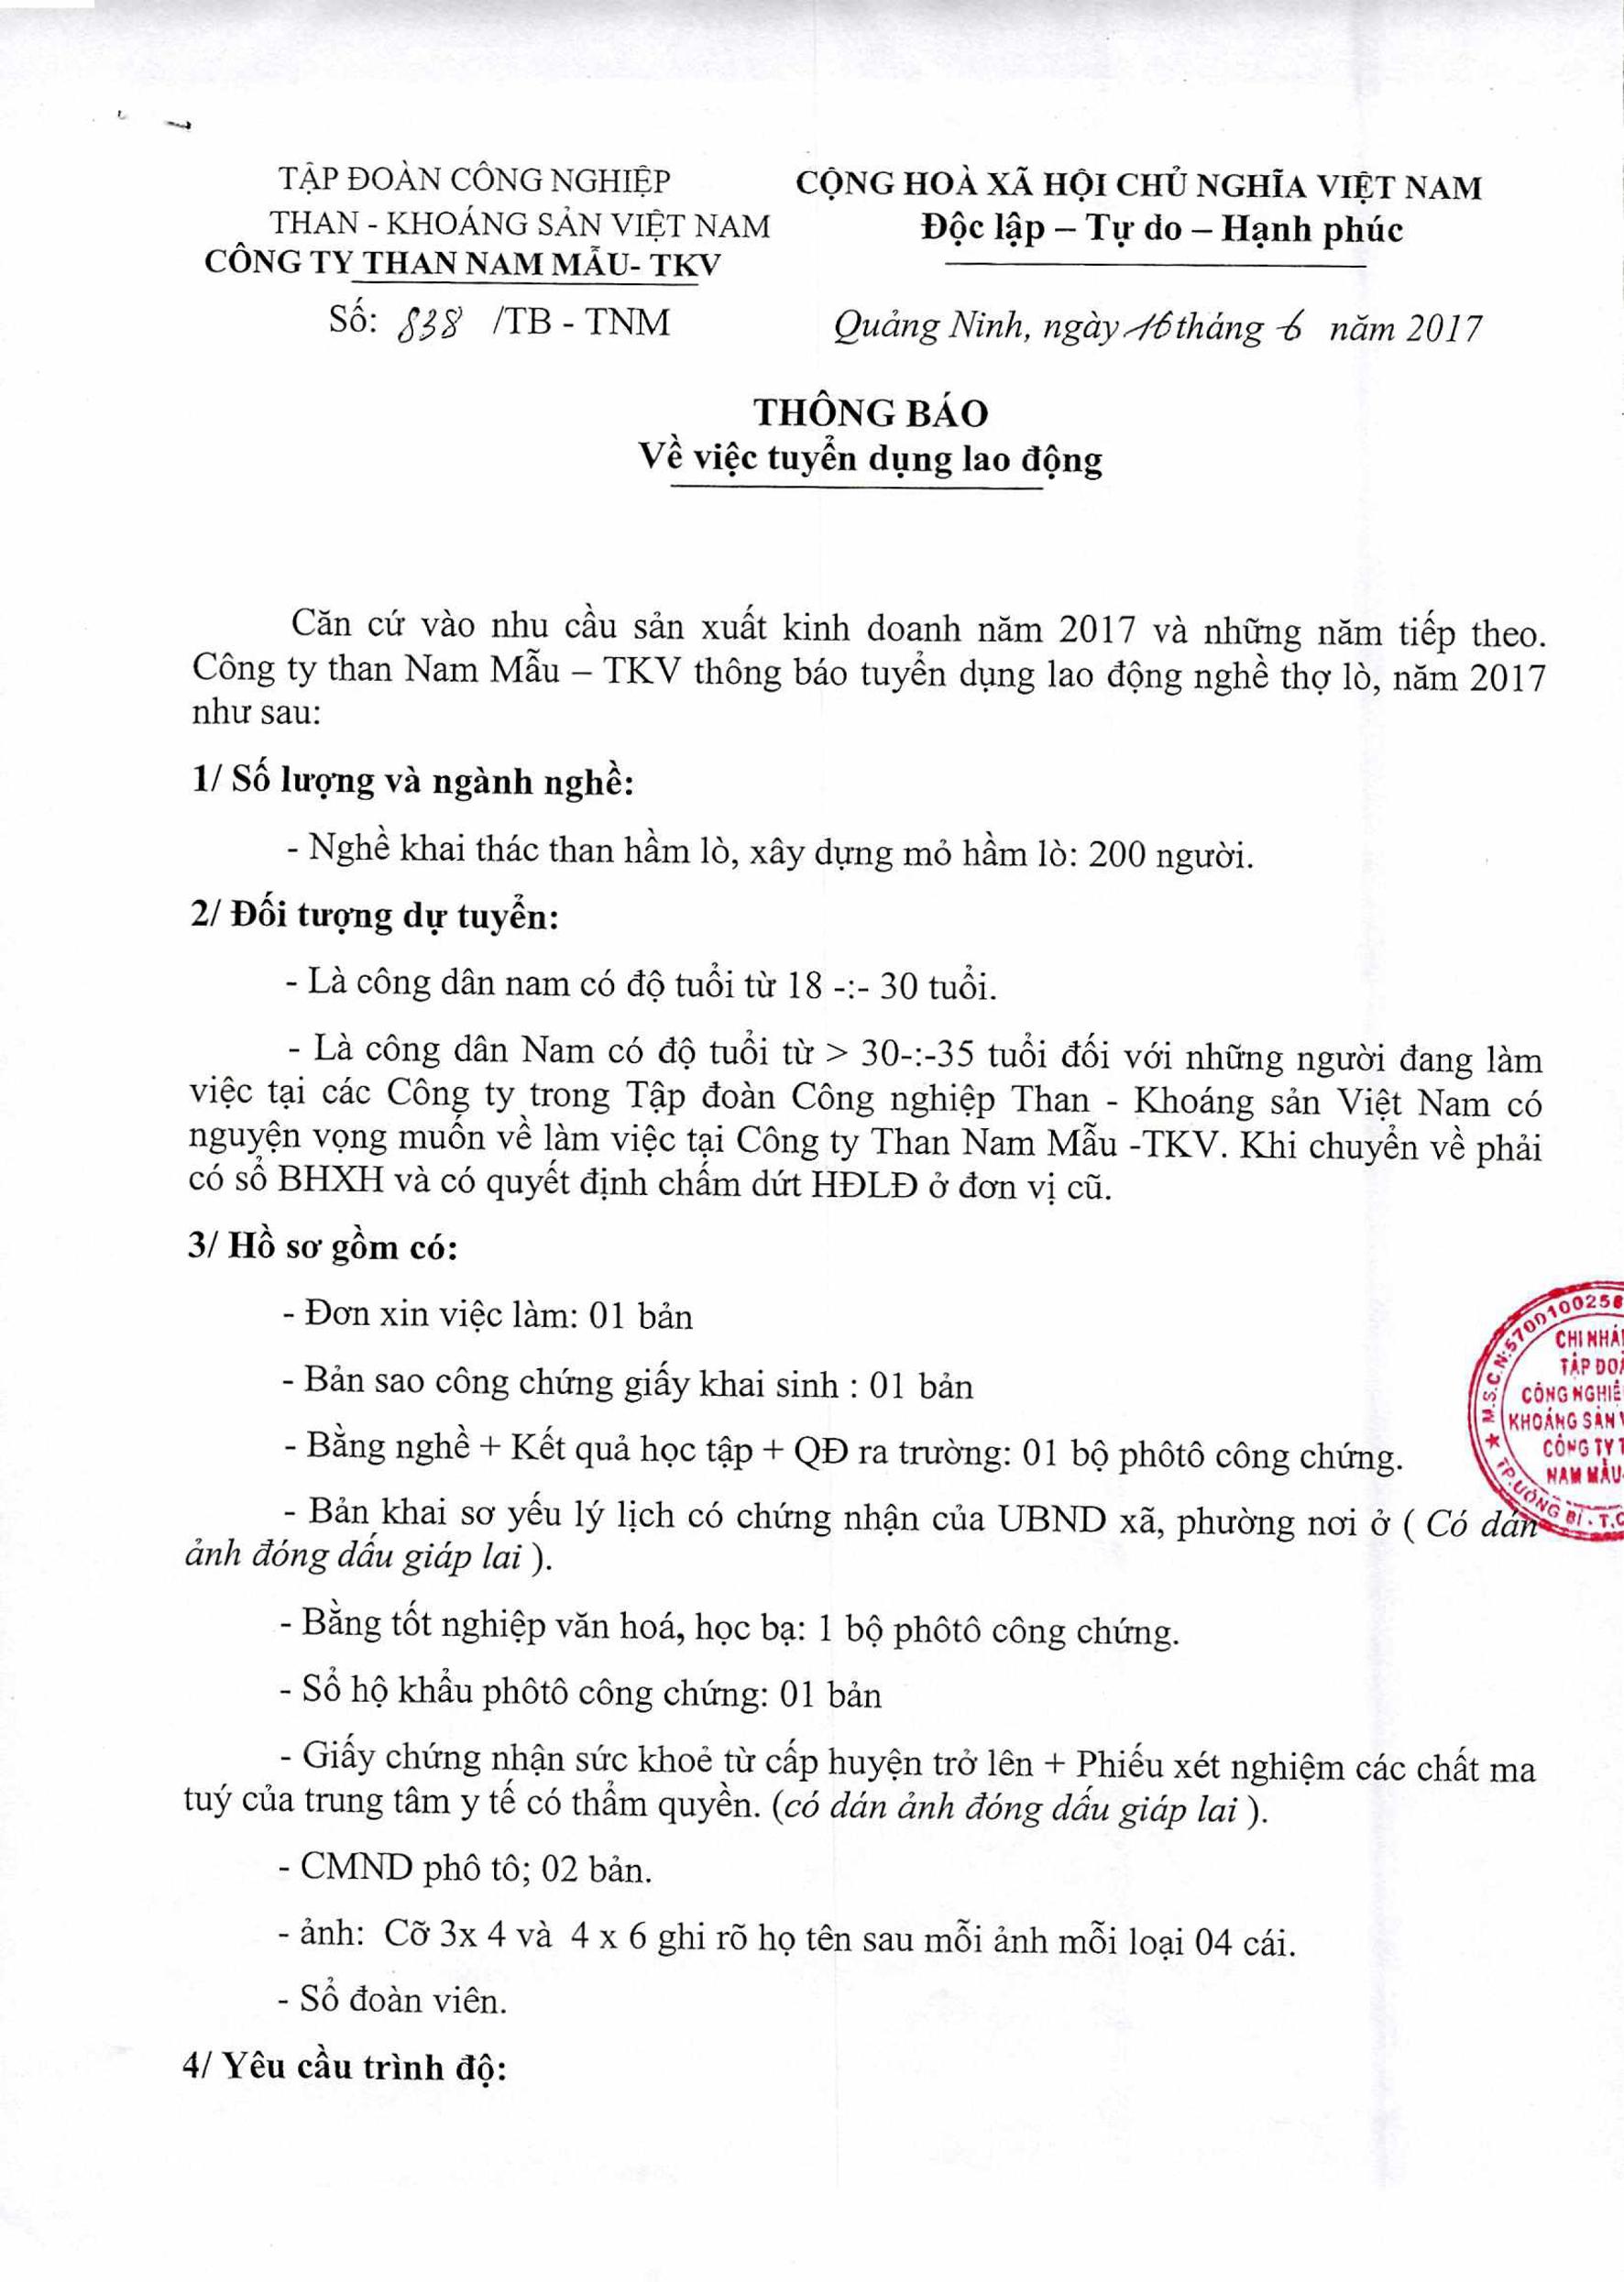 Công ty Than Nam Mẫu -TKV thông báo tuyển dụng lao động (1)